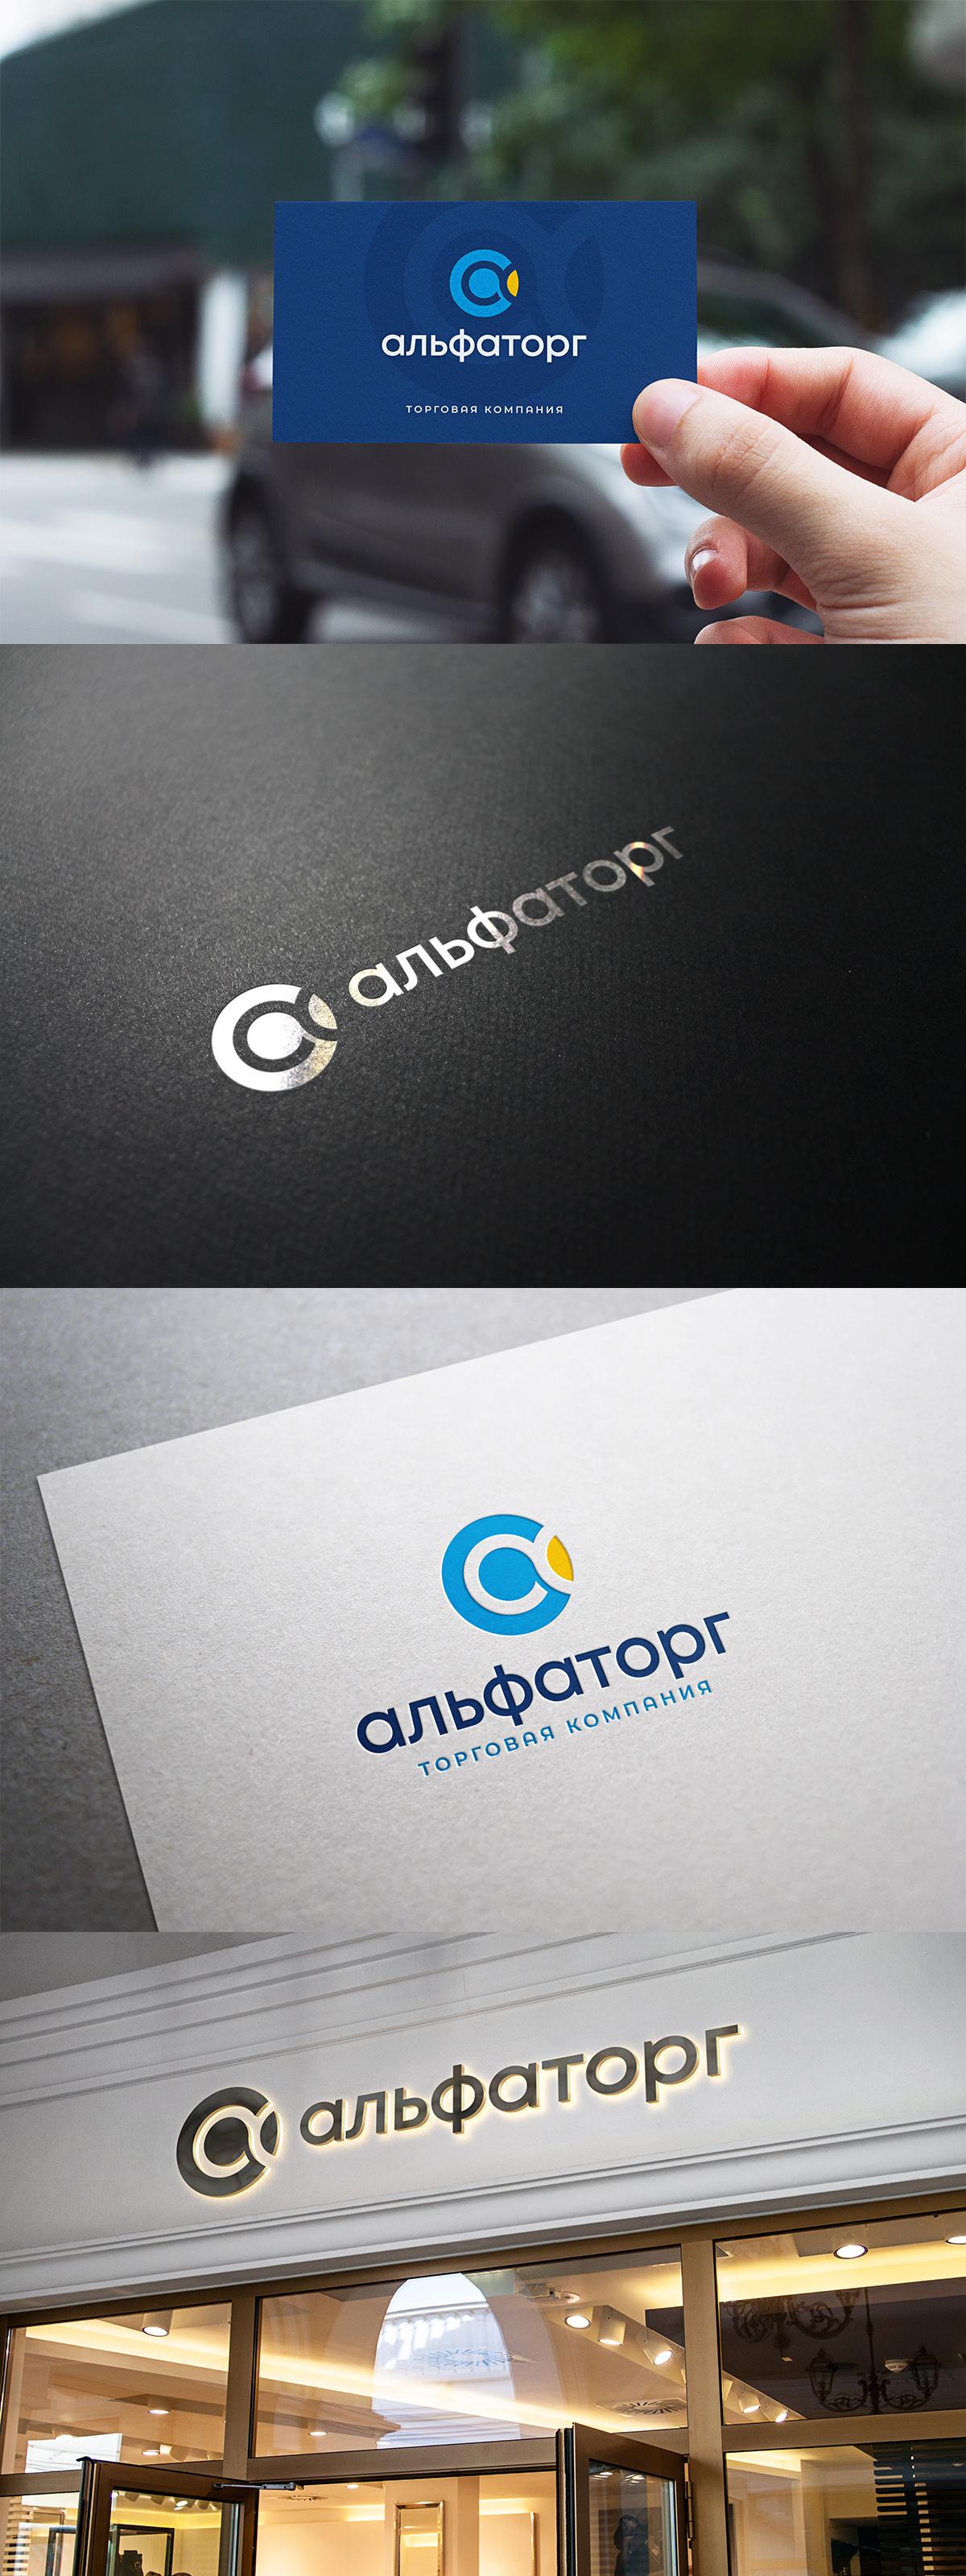 Логотип и фирменный стиль фото f_4865f0b4cbb29d9a.jpg